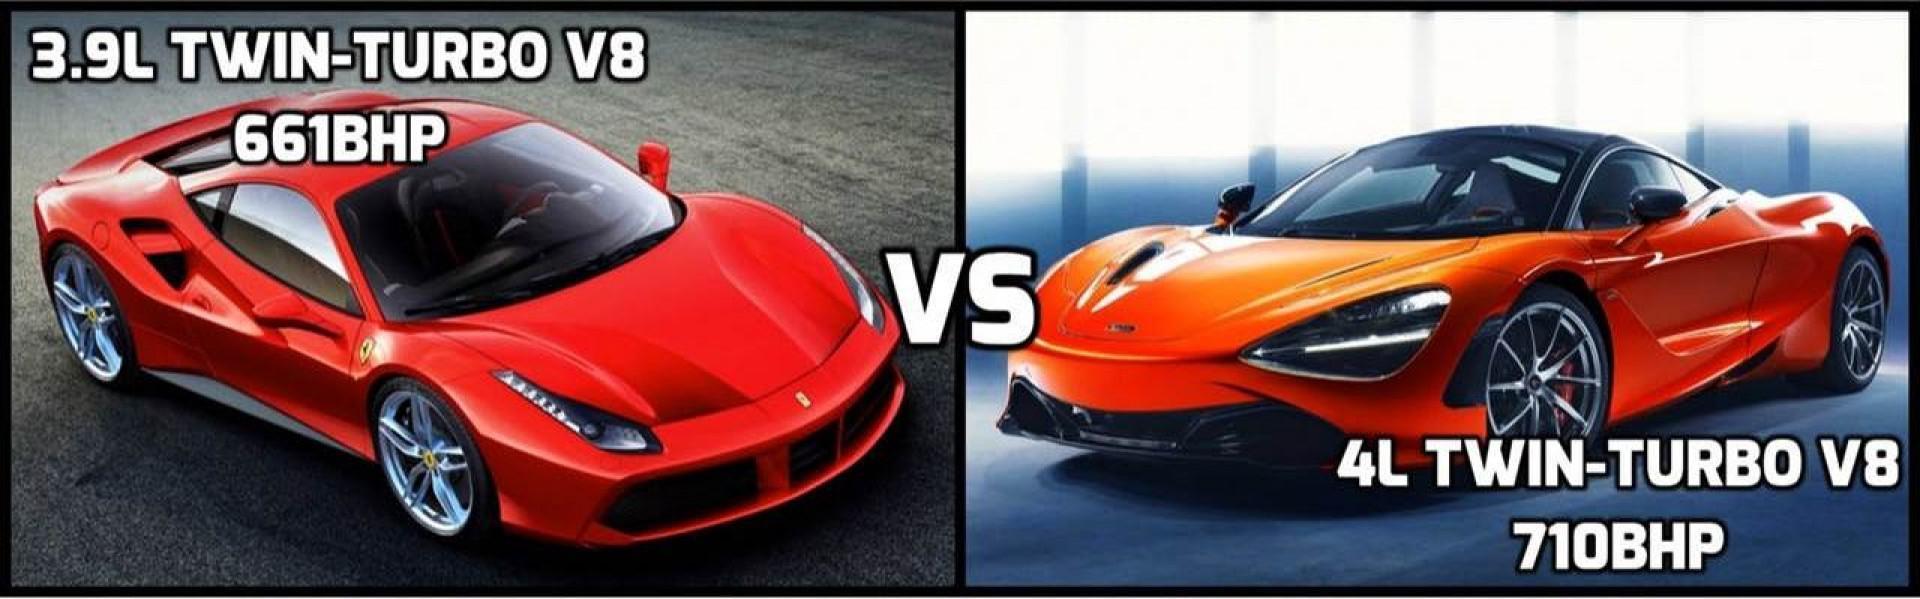 Vidéo: Les deux supercarsMcLaren 720Set laFerrari 488 GTBen drage race !